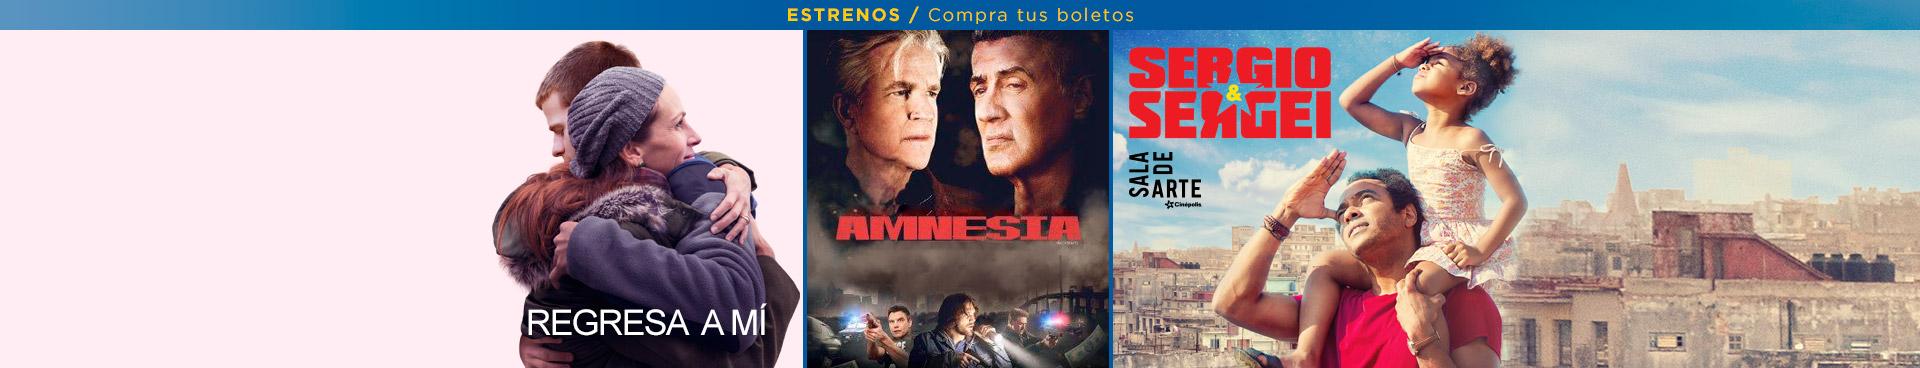 Estrenos: Amnesia / Regresa a mi / Sergio y Sergei